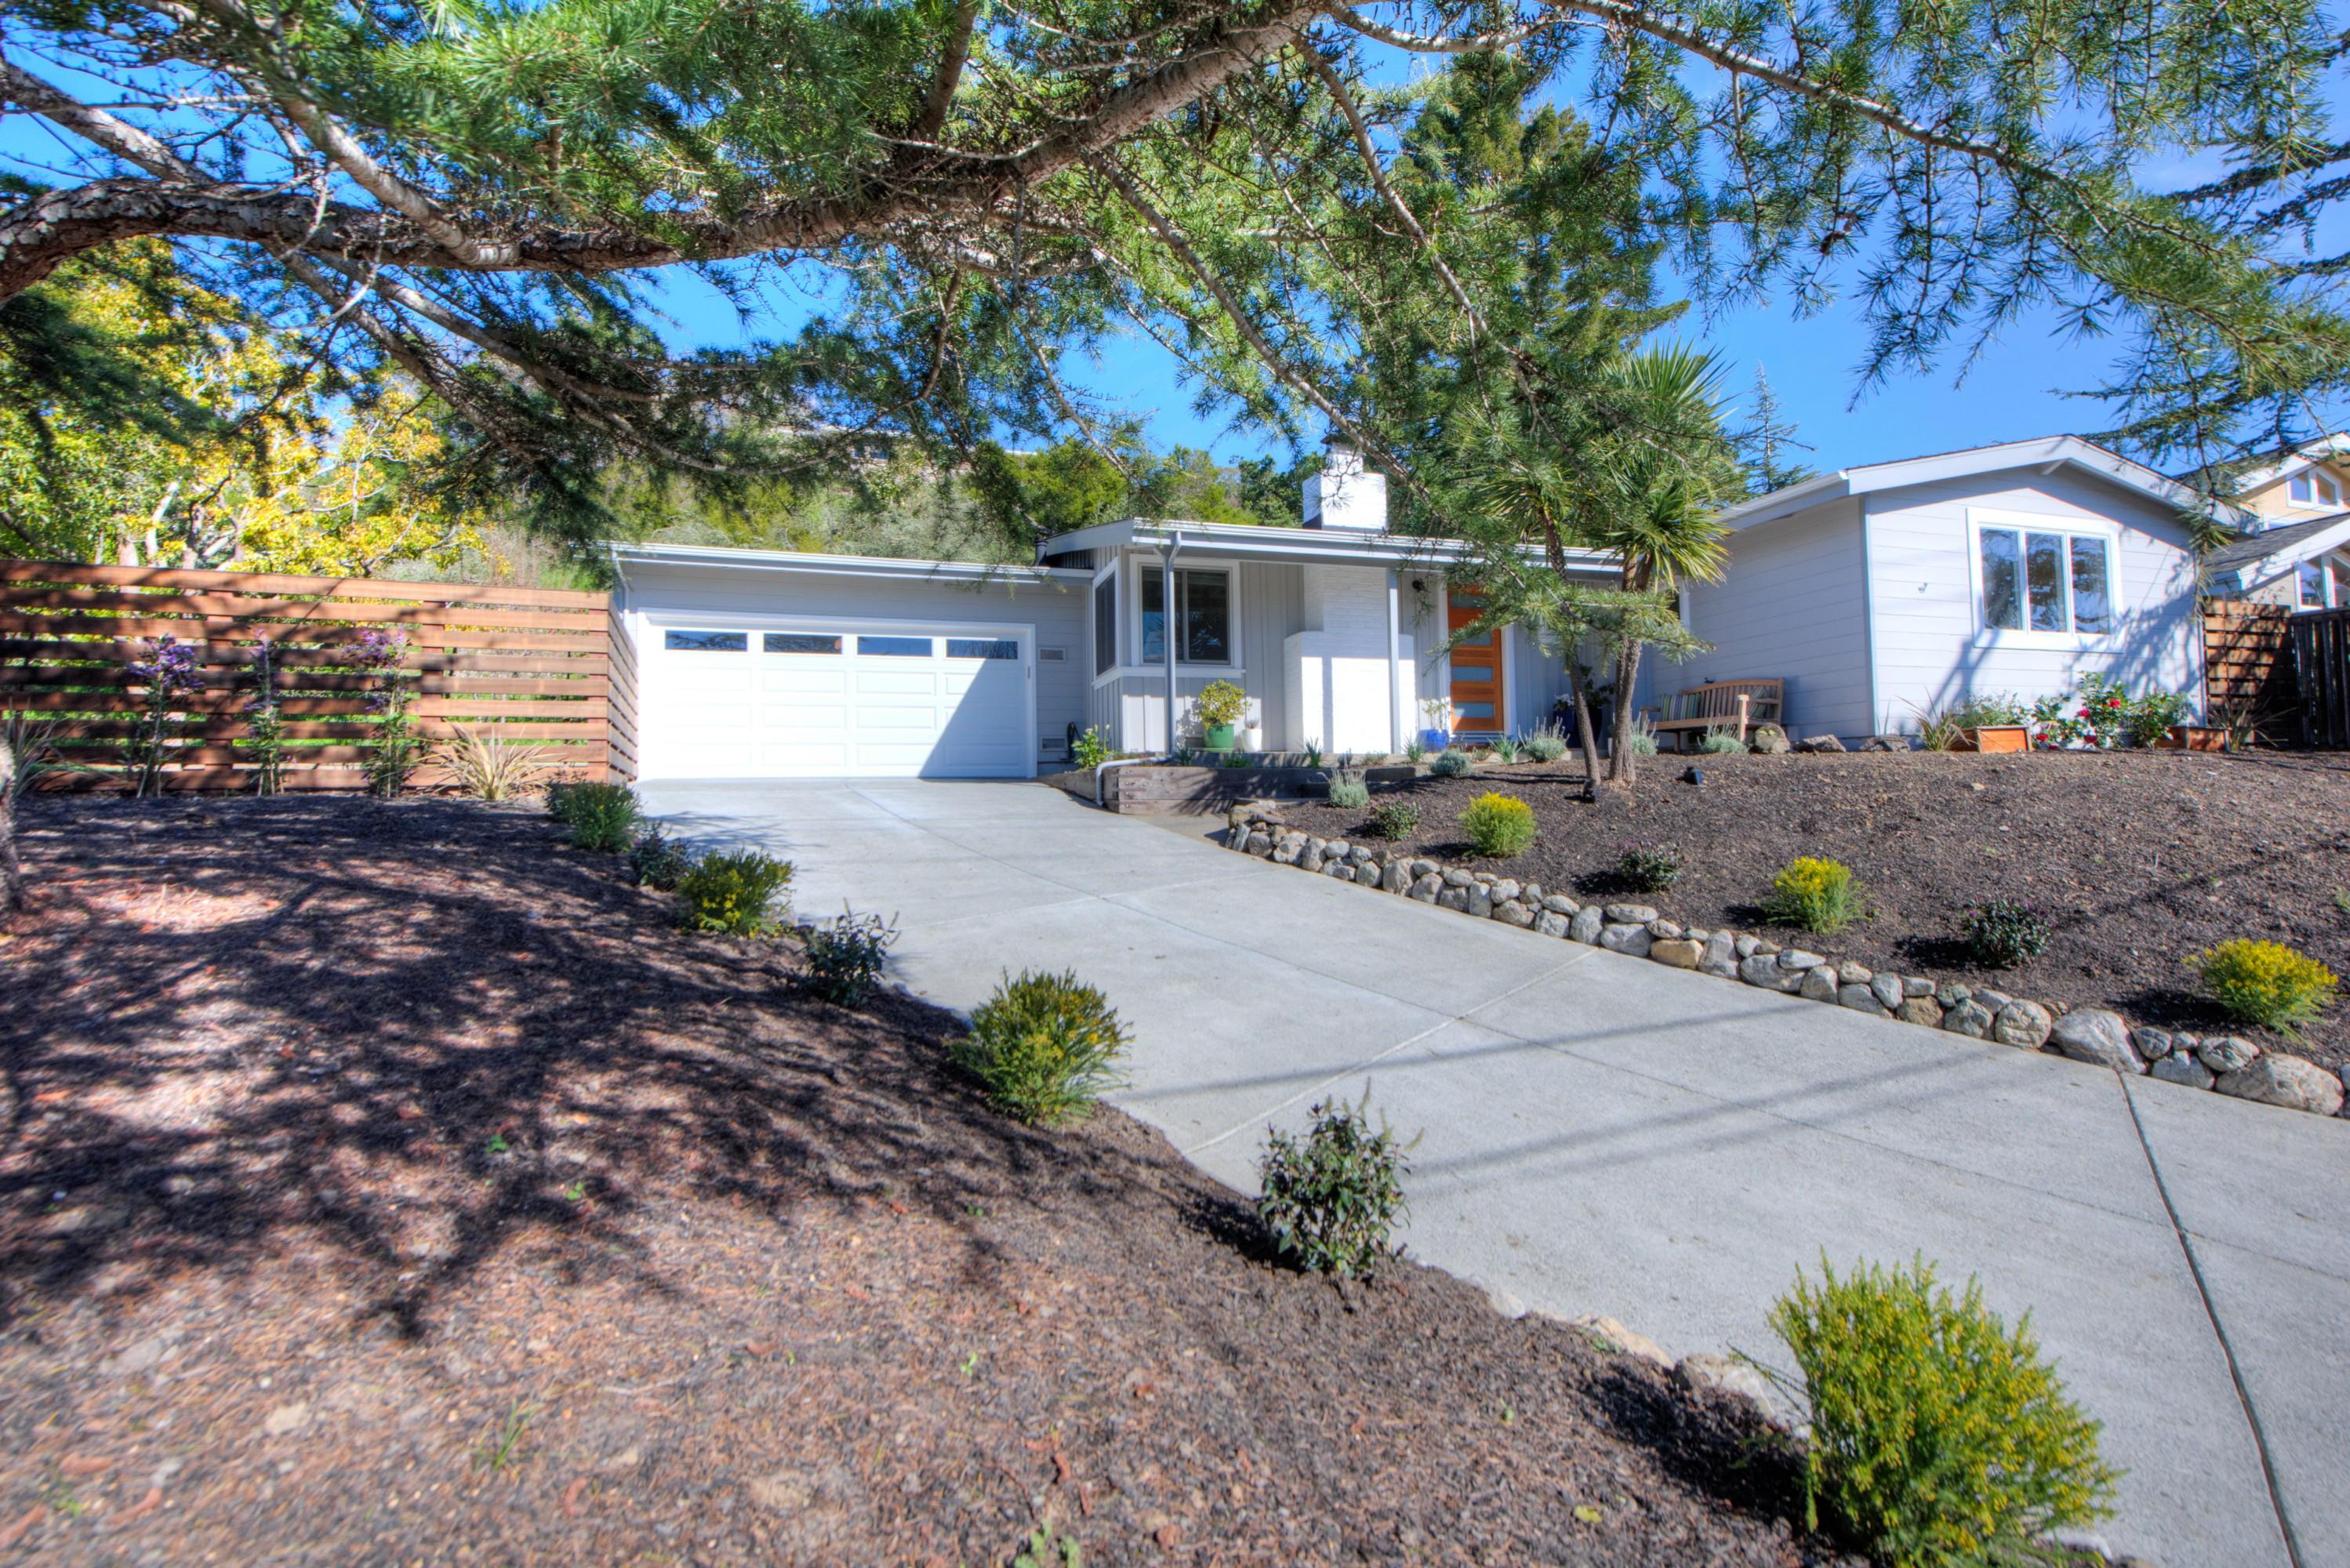 Vivienda unifamiliar por un Venta en Beautifully Updated and Prime Location! 687 Hilary Drive Tiburon, California, 94920 Estados Unidos